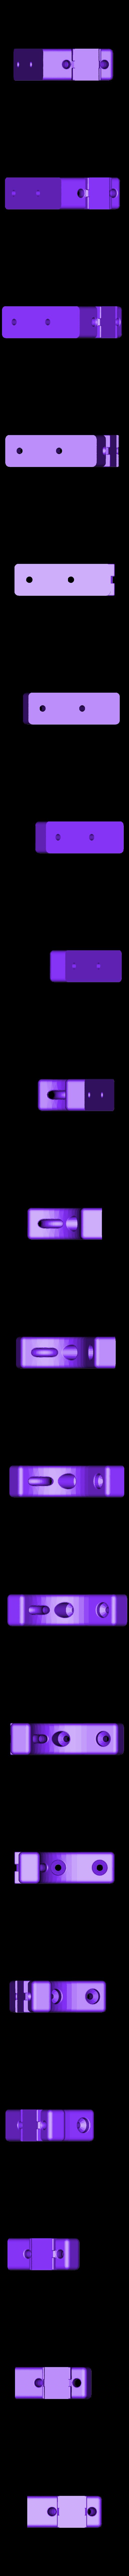 LED-Strip-Holder.stl Download free STL file LED strip light holder • 3D print design, markusg